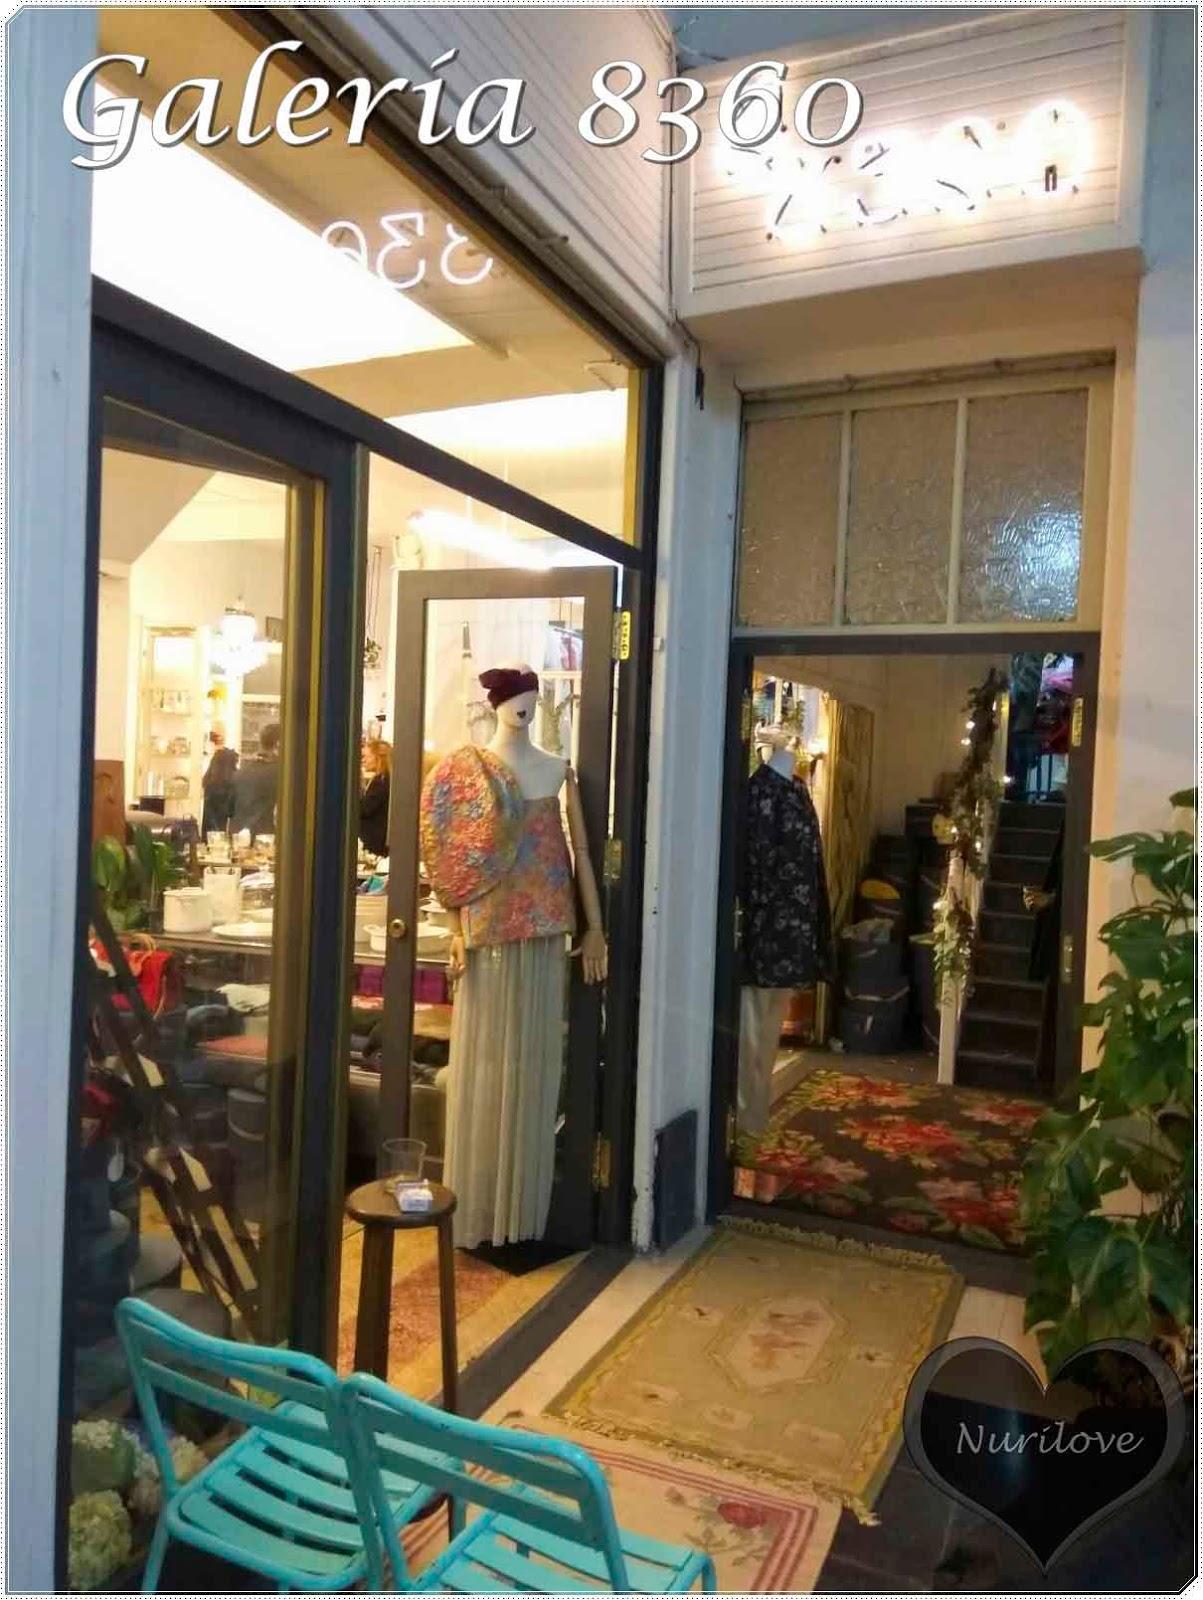 galeria 8360 una tienda de lo más cosmopolita en un rinconcito de Bilbao